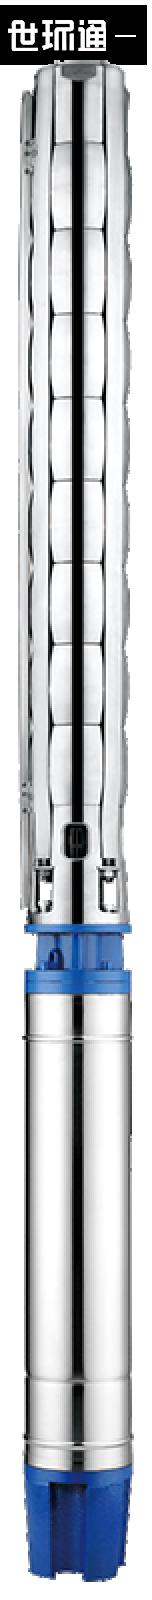 6SP(150QJ)全不锈钢系列潜水电泵